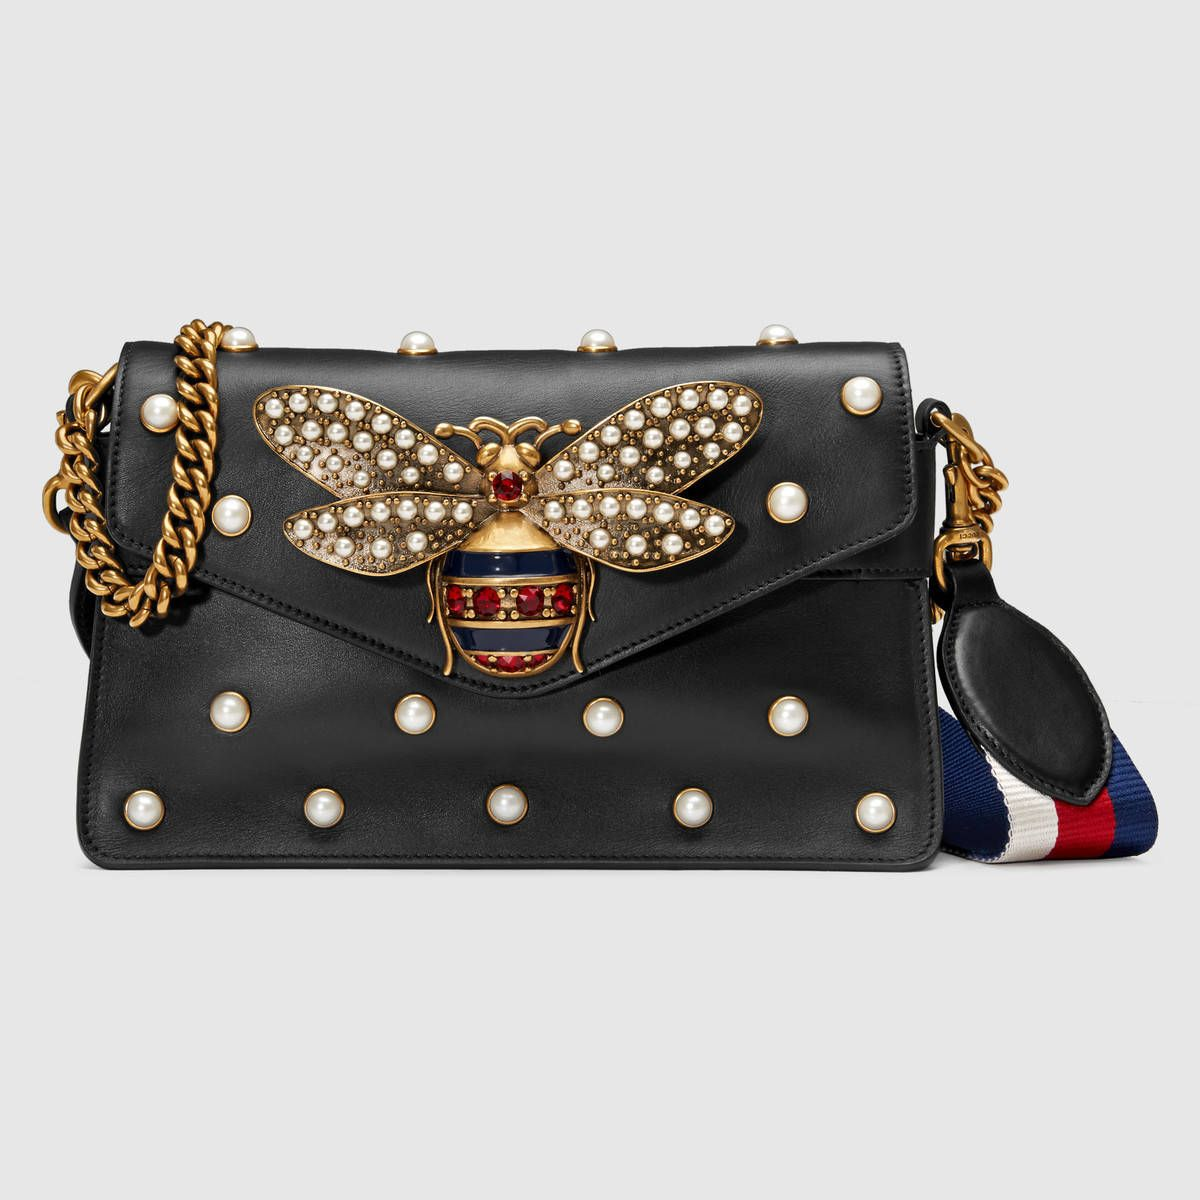 0833ce5e9c6 Broadway leather mini bag